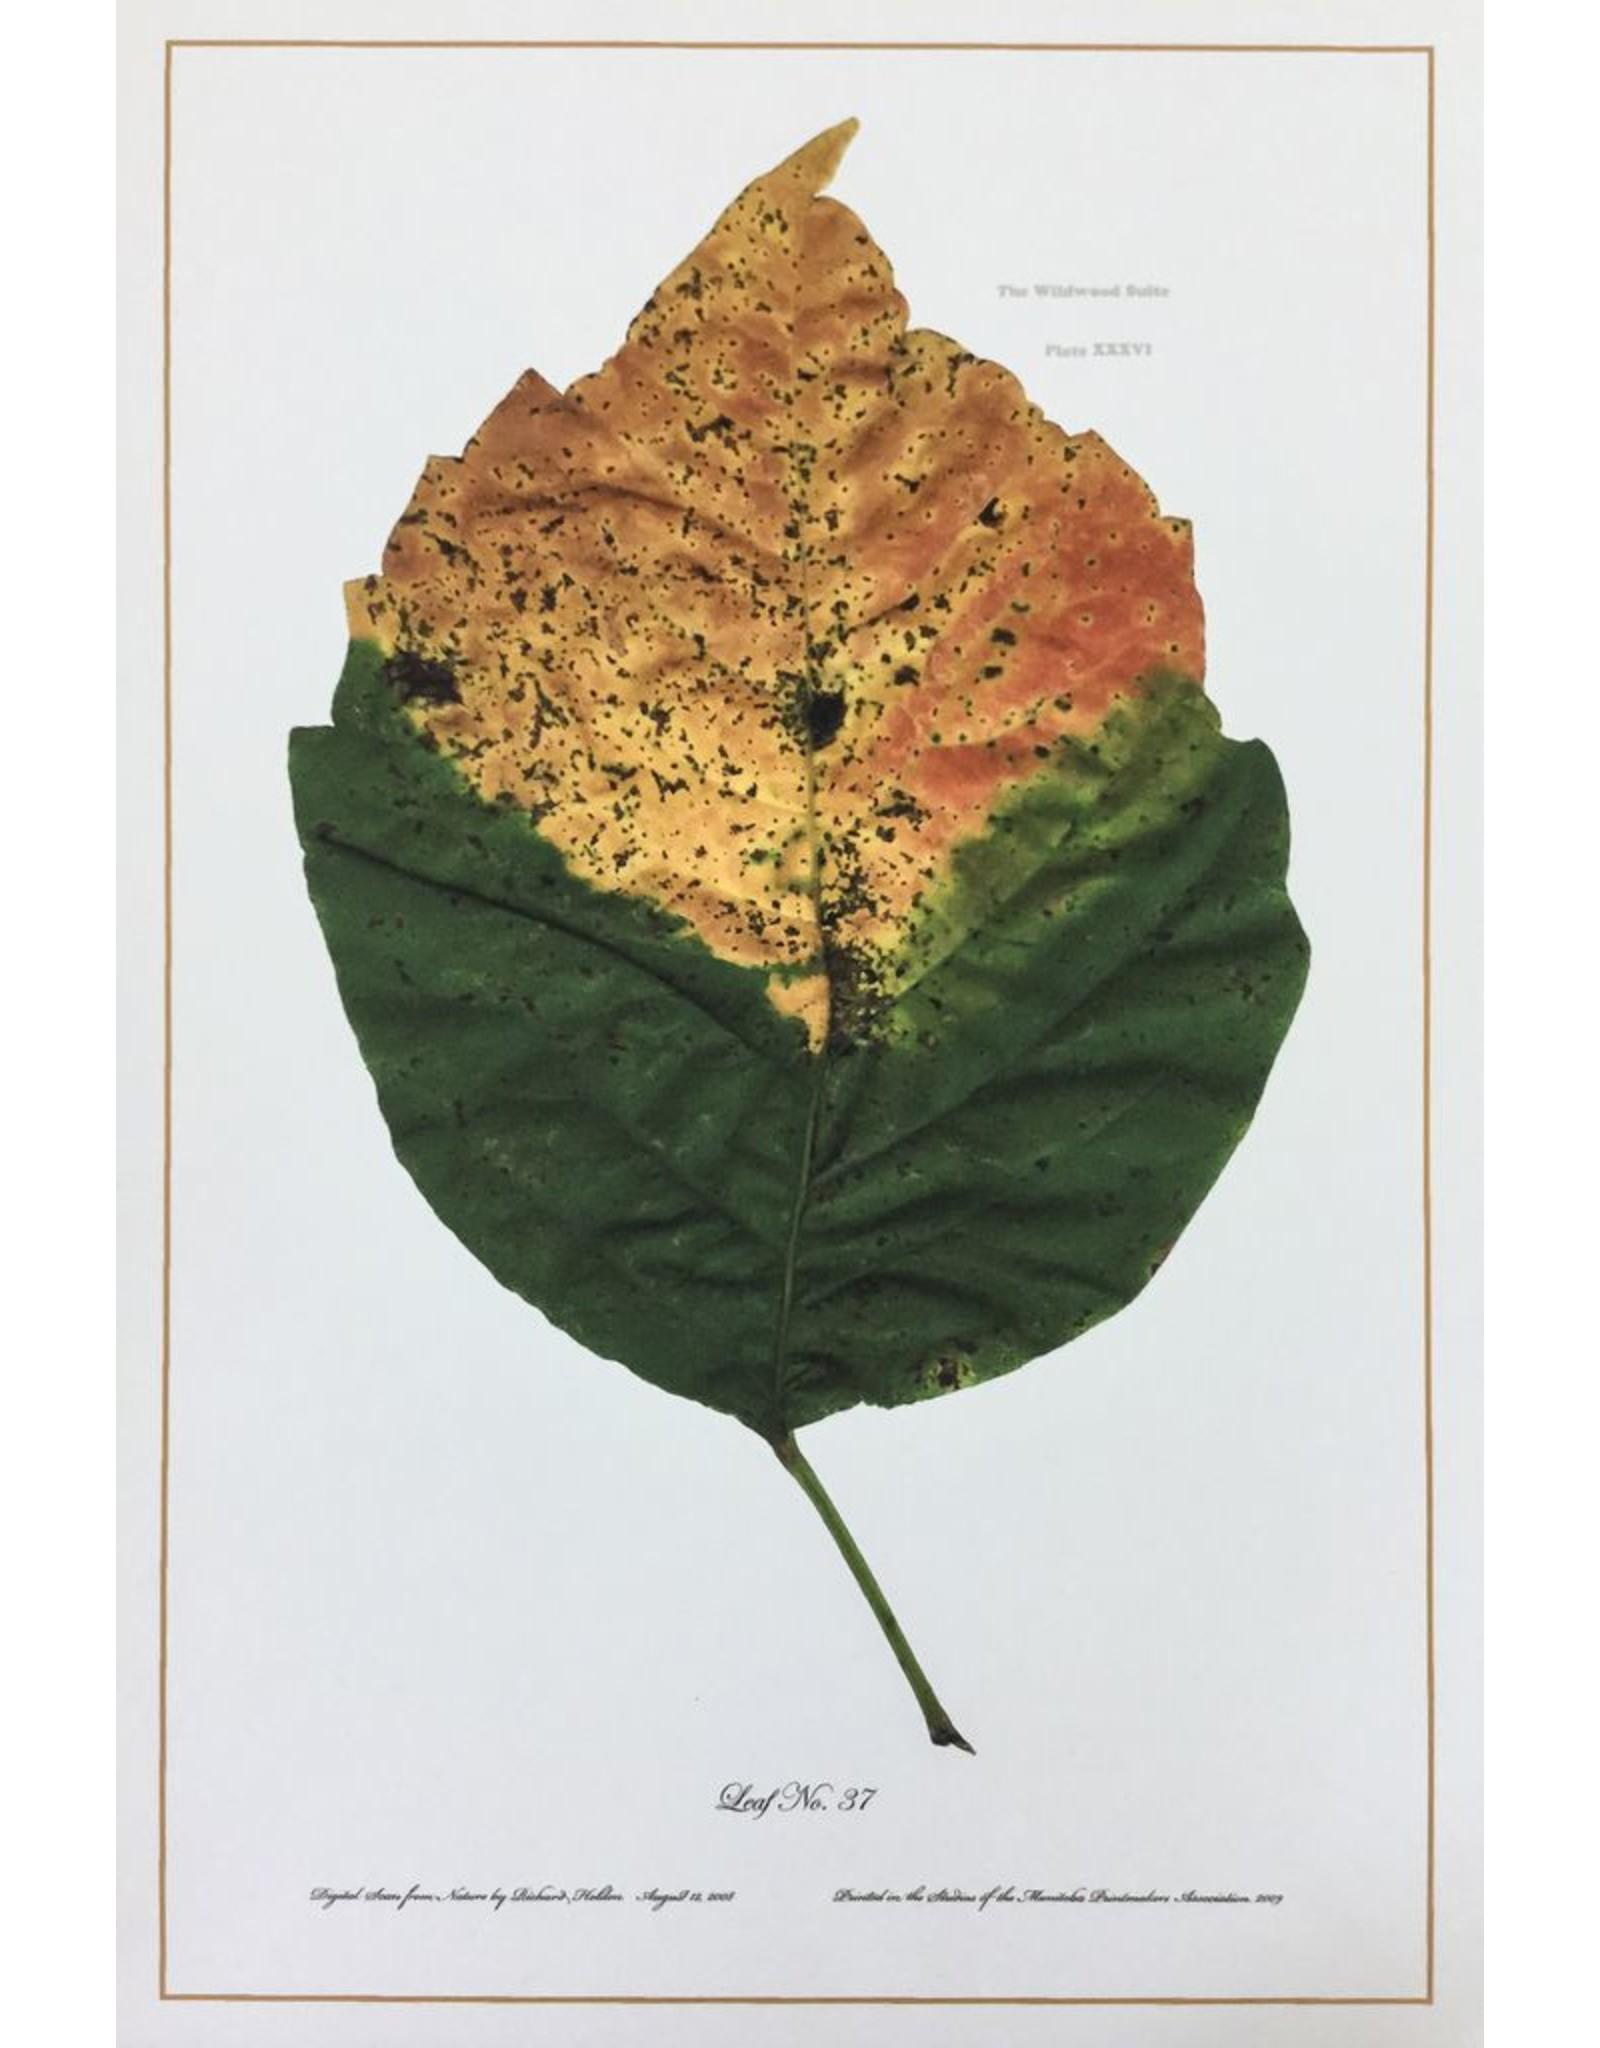 Holden, Richard No. 37 Leaf